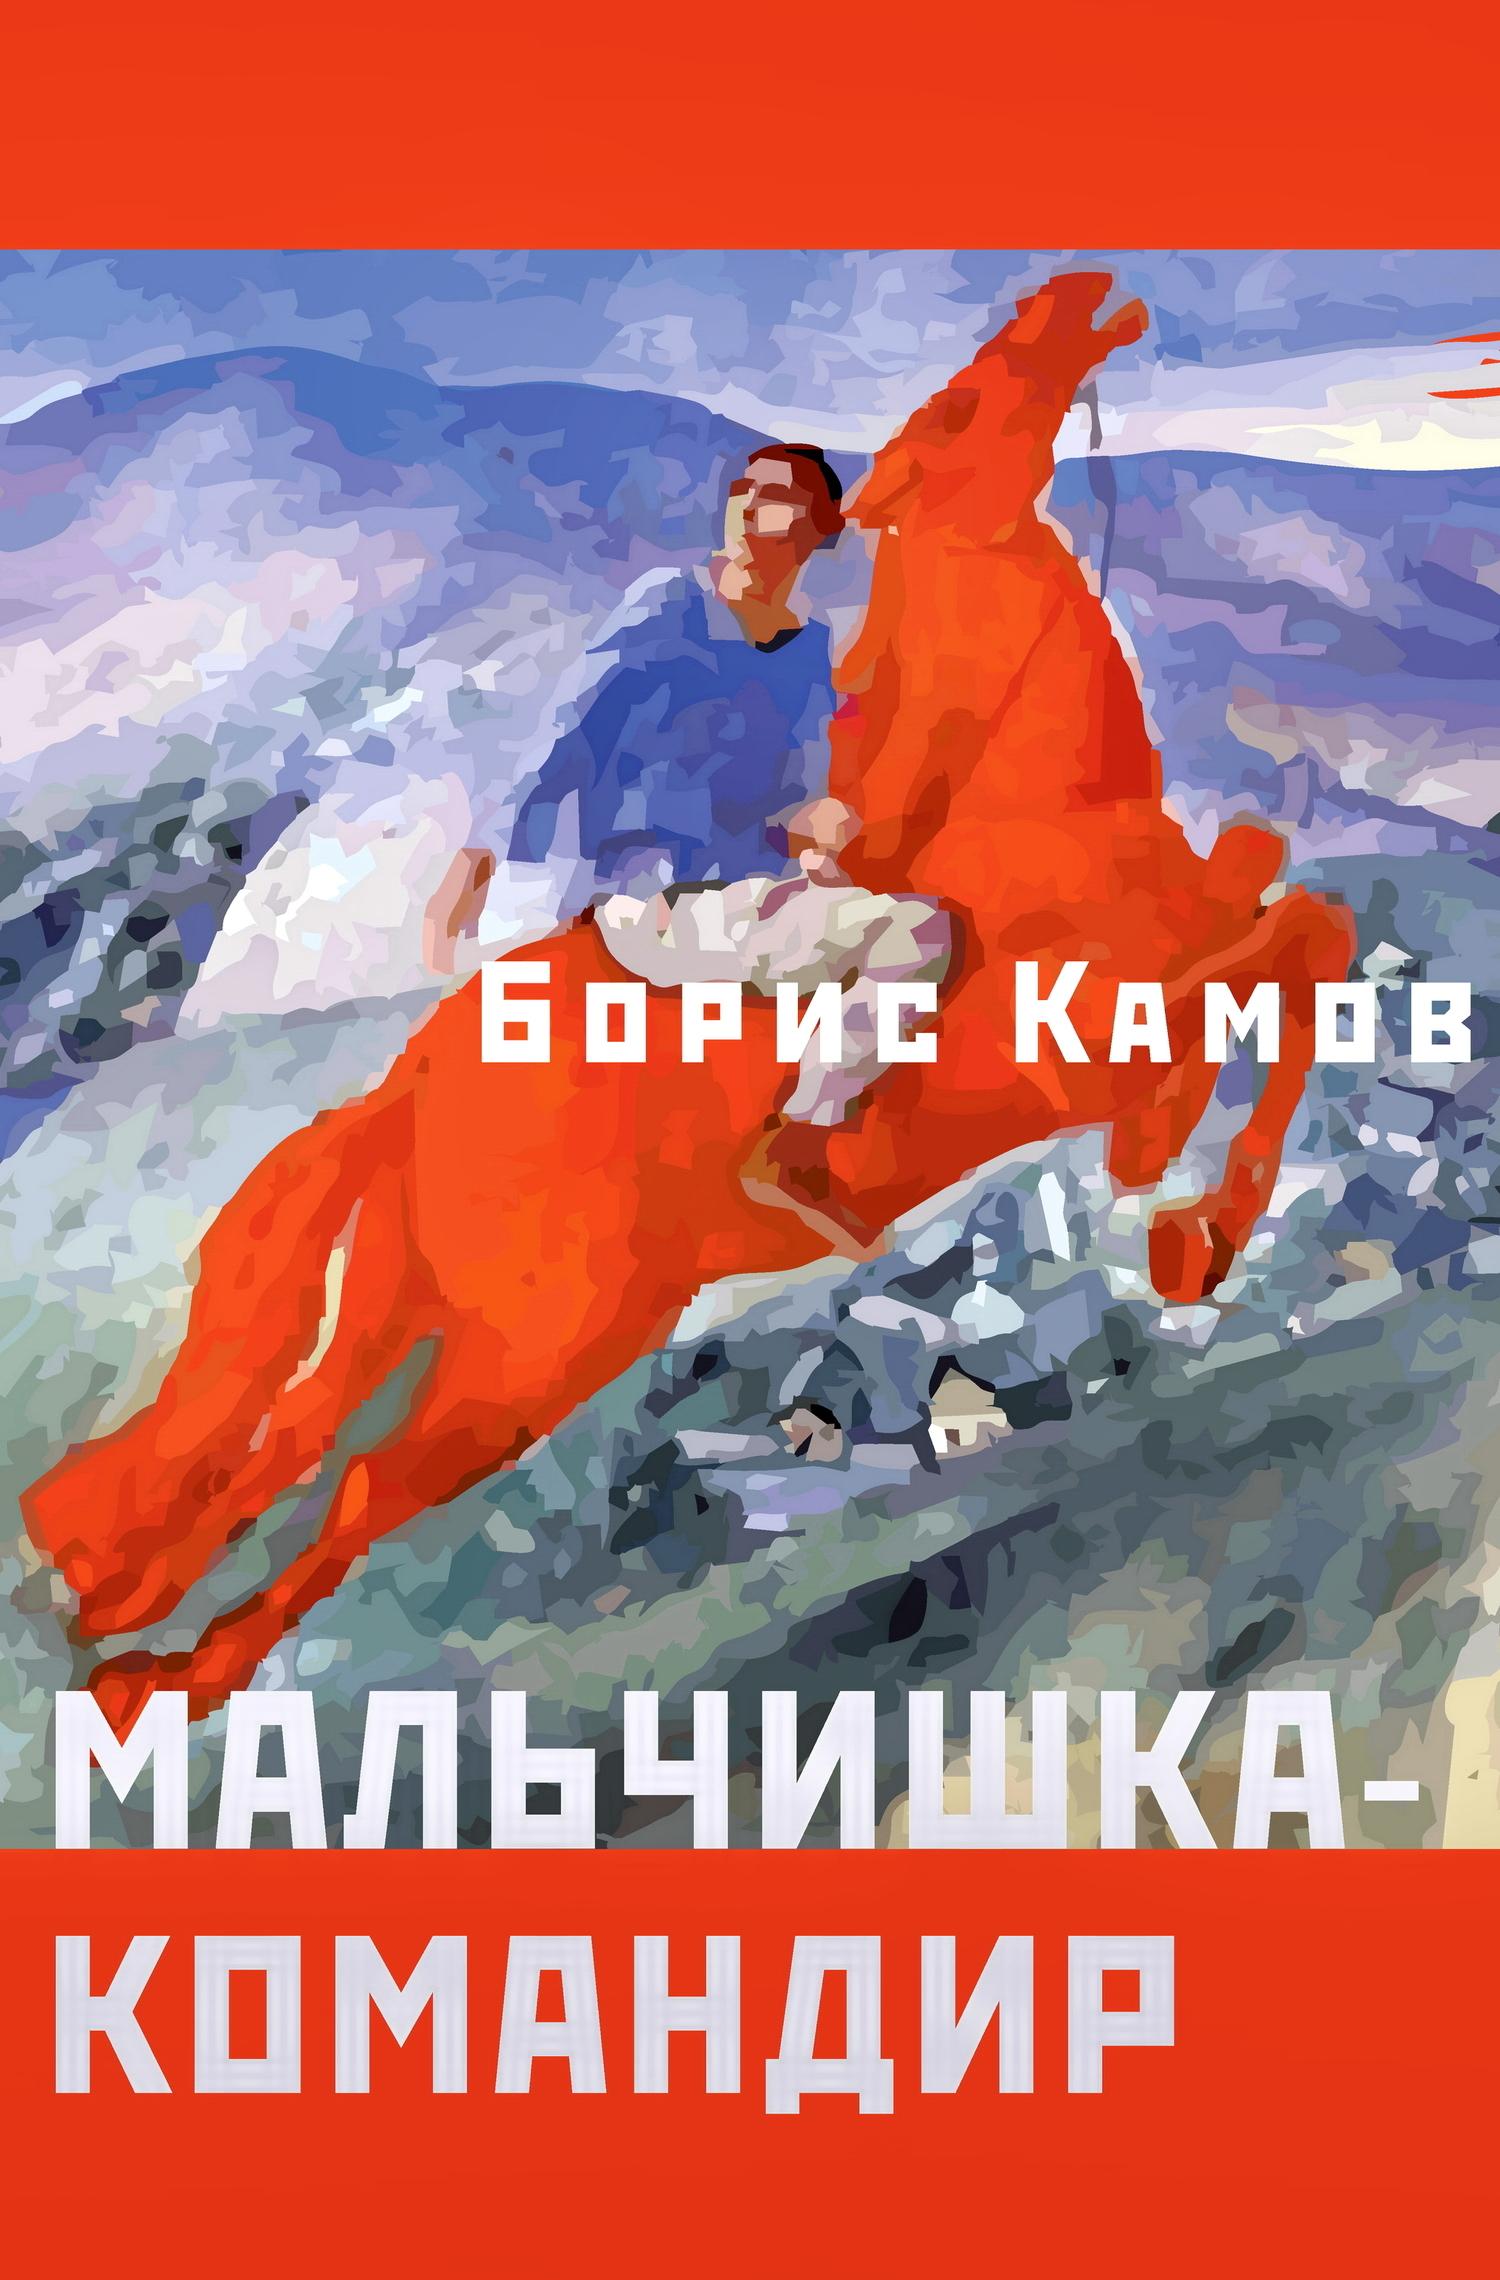 Борис Камов Мальчишка-командир